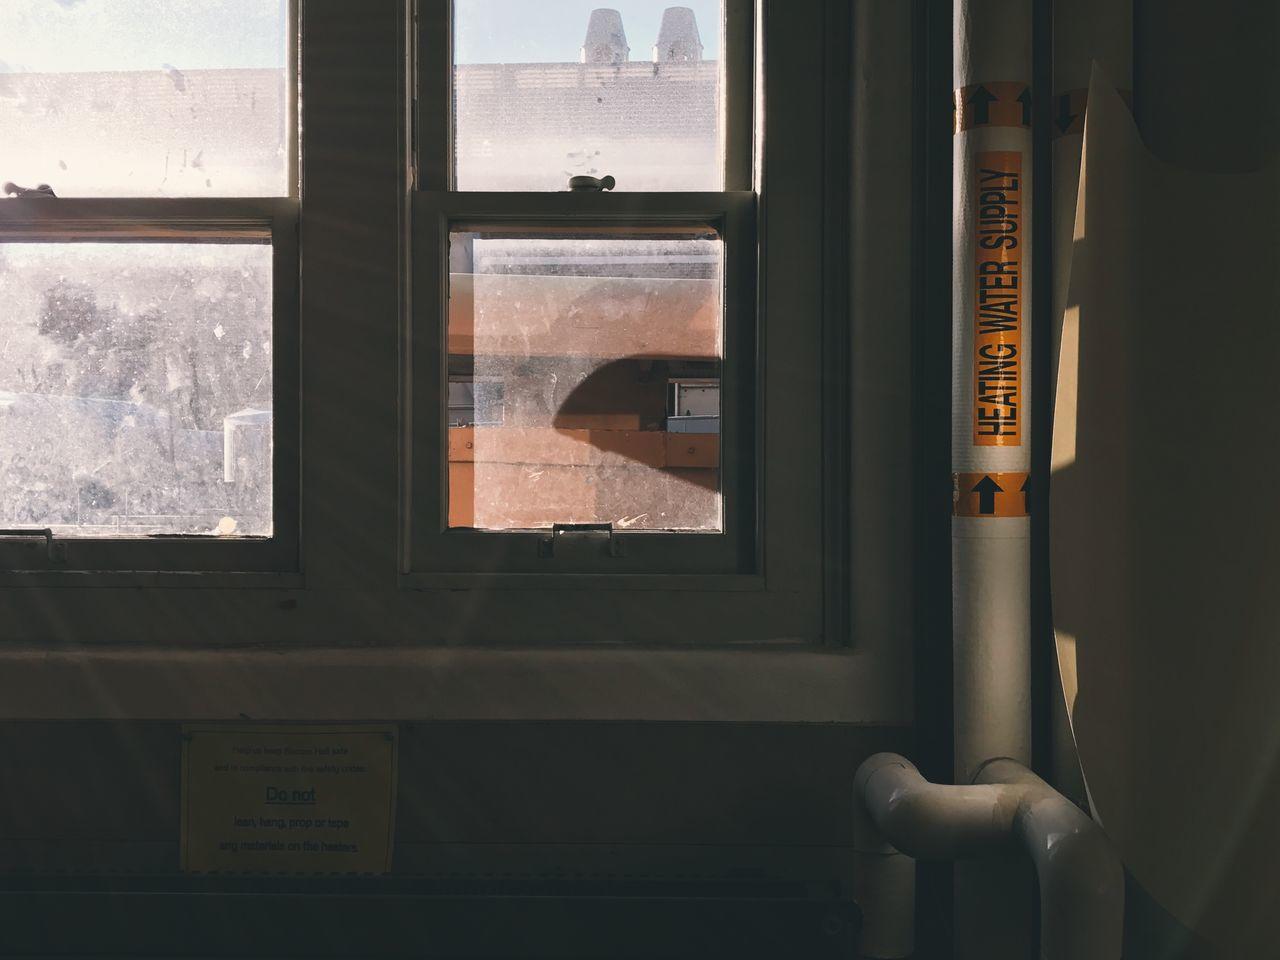 Architecture Close-up Day Door Glass - Material Indoors  Looking Through Window Nature No People Sliding Door Window